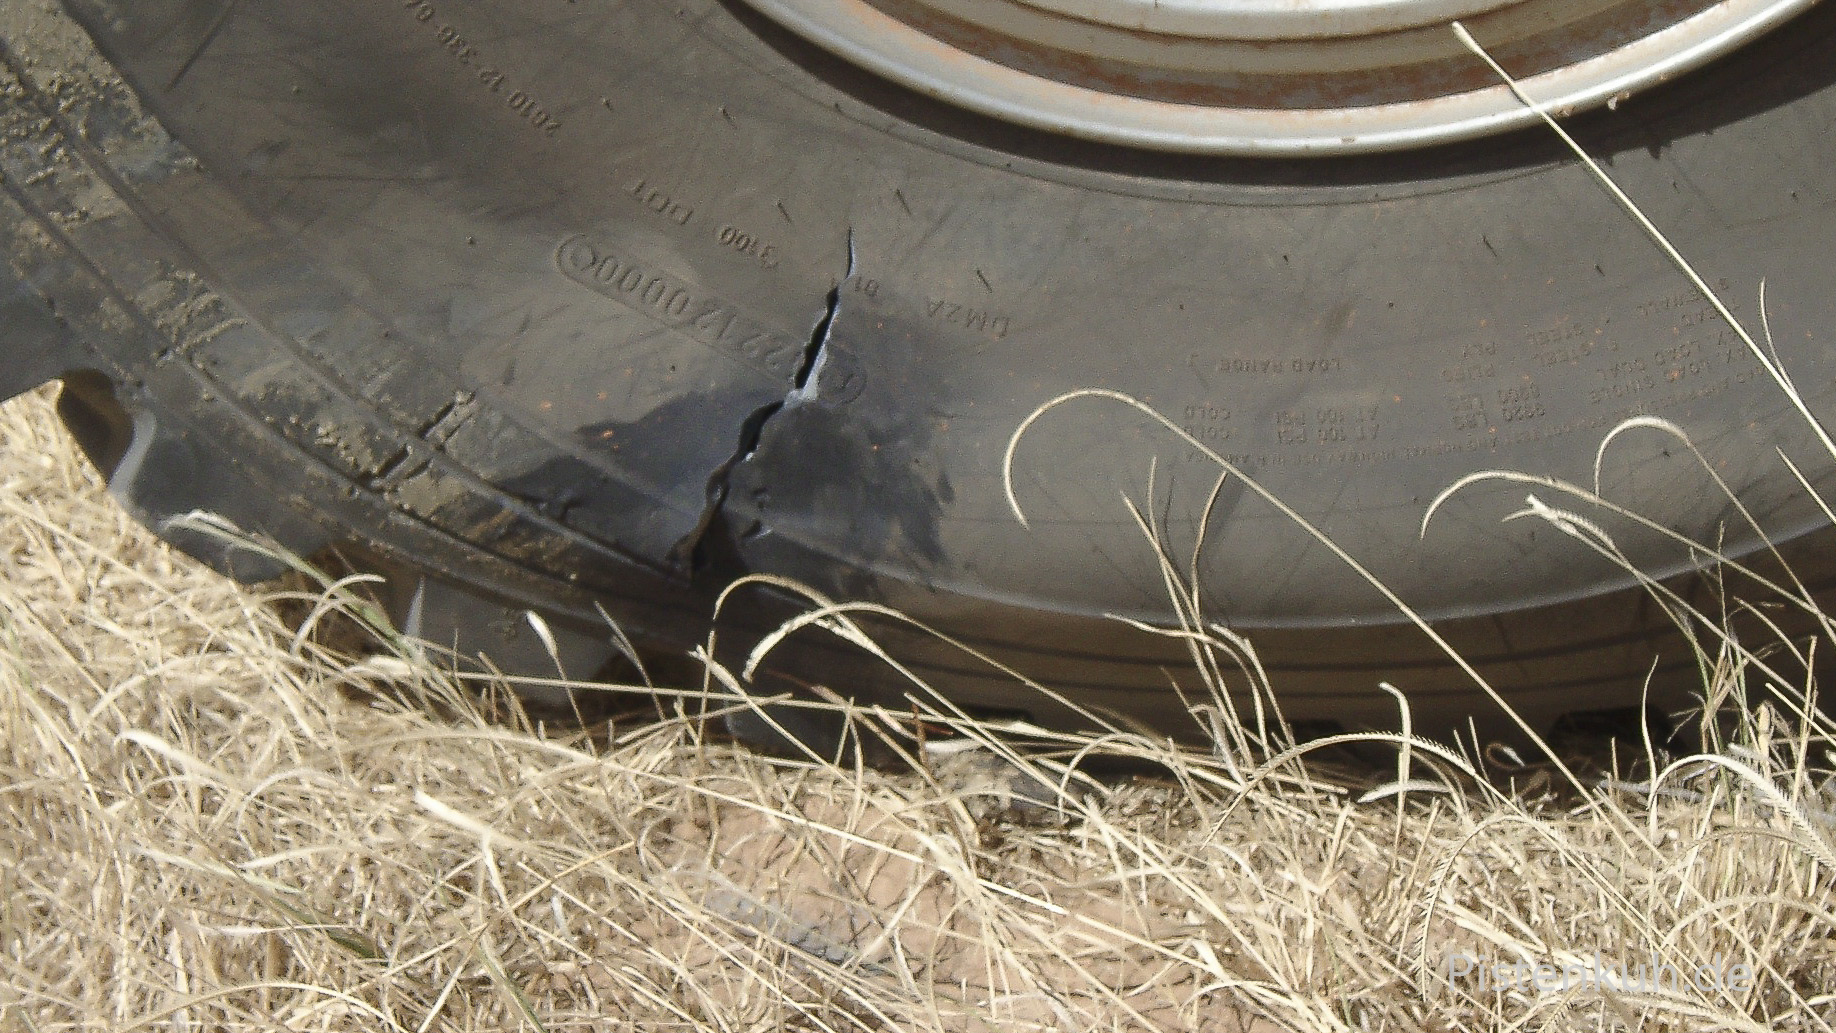 Riss in der Reifenflanke - Nicht zu reparieren